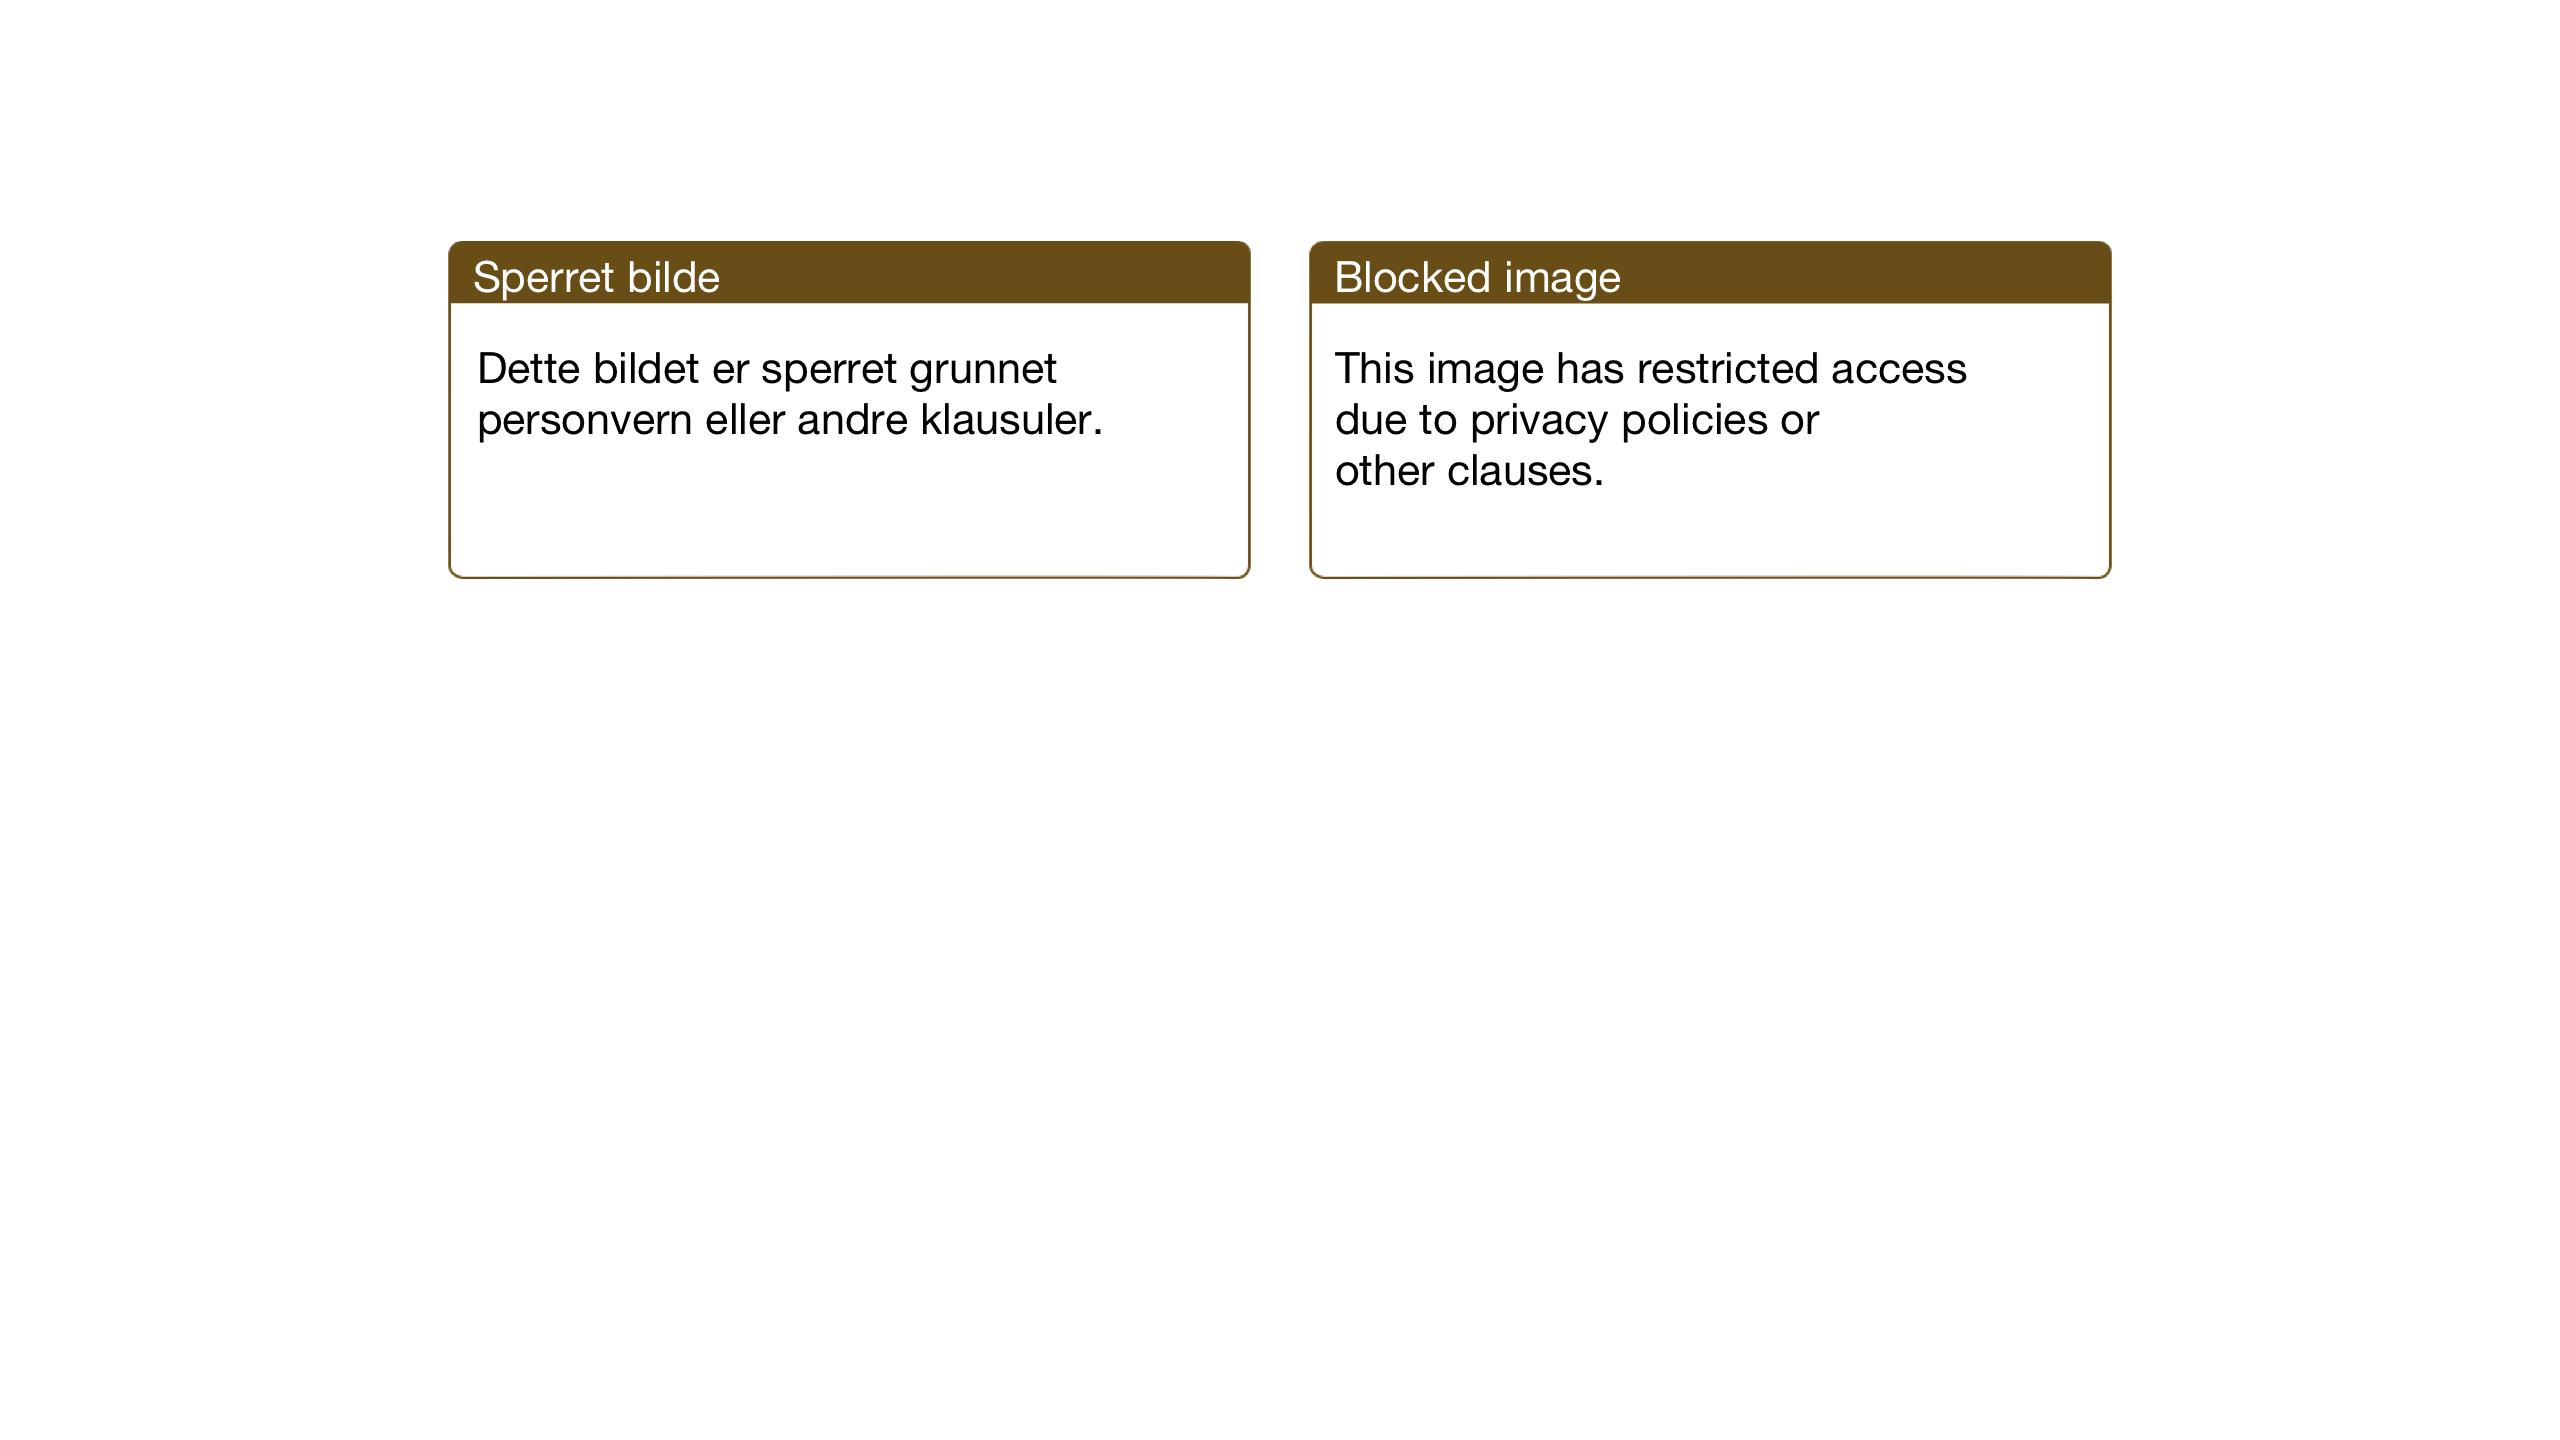 SAT, Ministerialprotokoller, klokkerbøker og fødselsregistre - Nord-Trøndelag, 722/L0227: Klokkerbok nr. 722C03, 1928-1958, s. 30